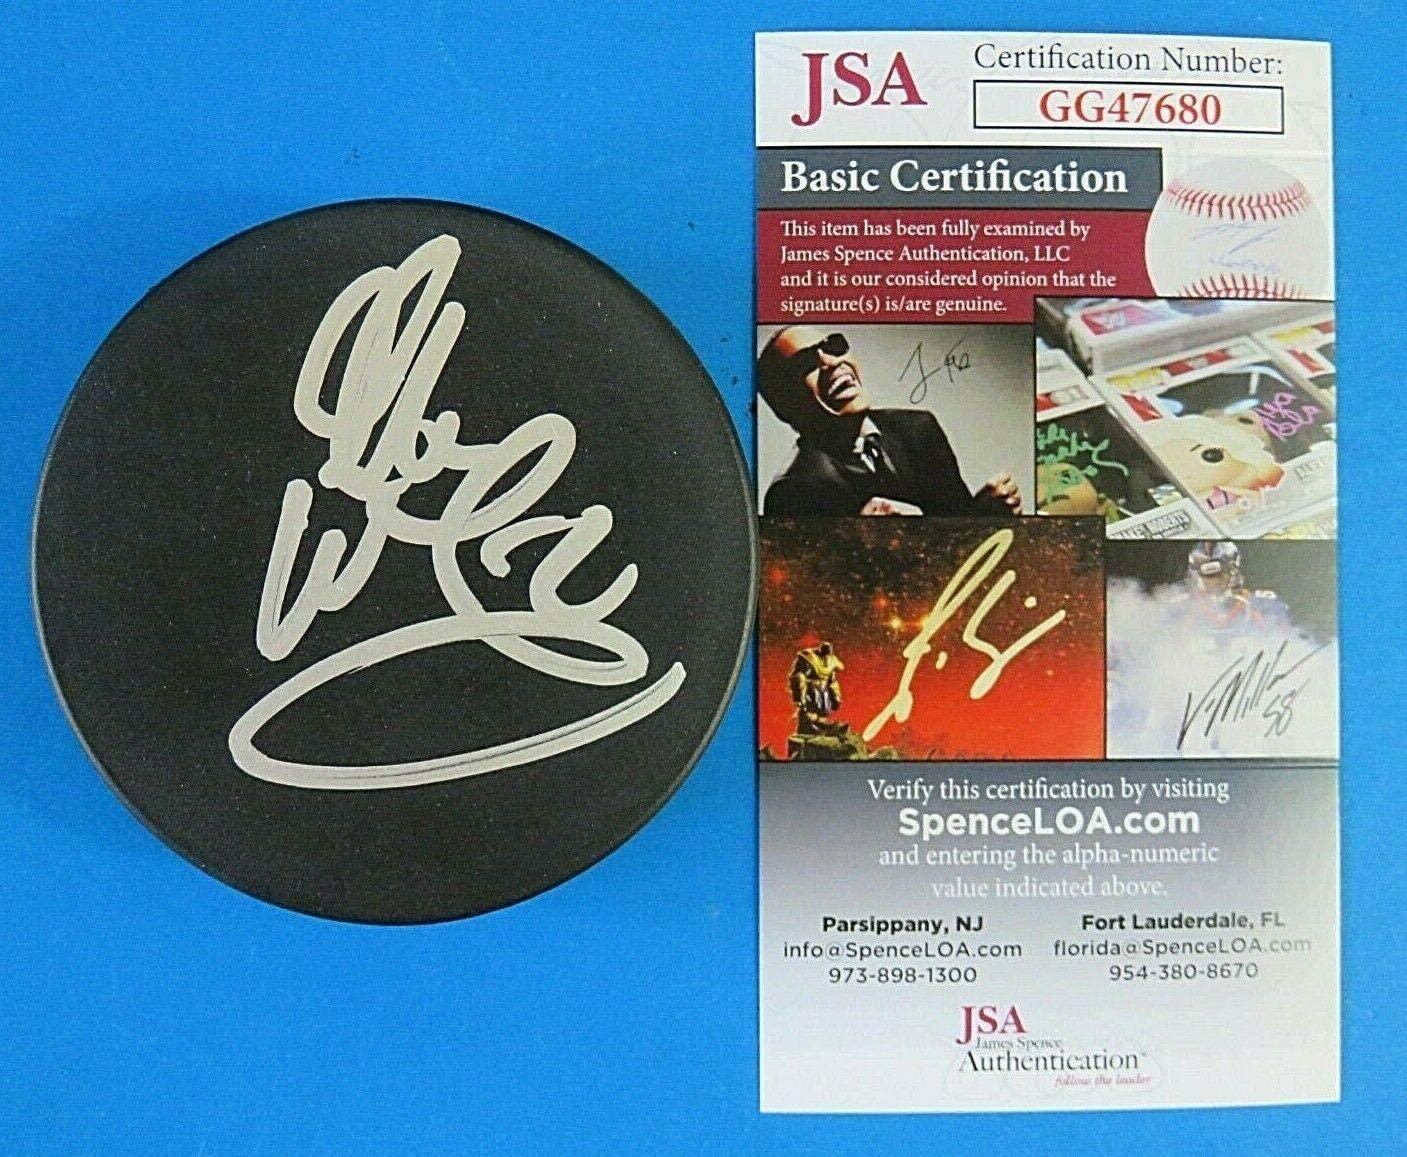 Glen Wesley Signed Puck - ~ GG47680 - JSA Certified - Autographed NHL Pucks